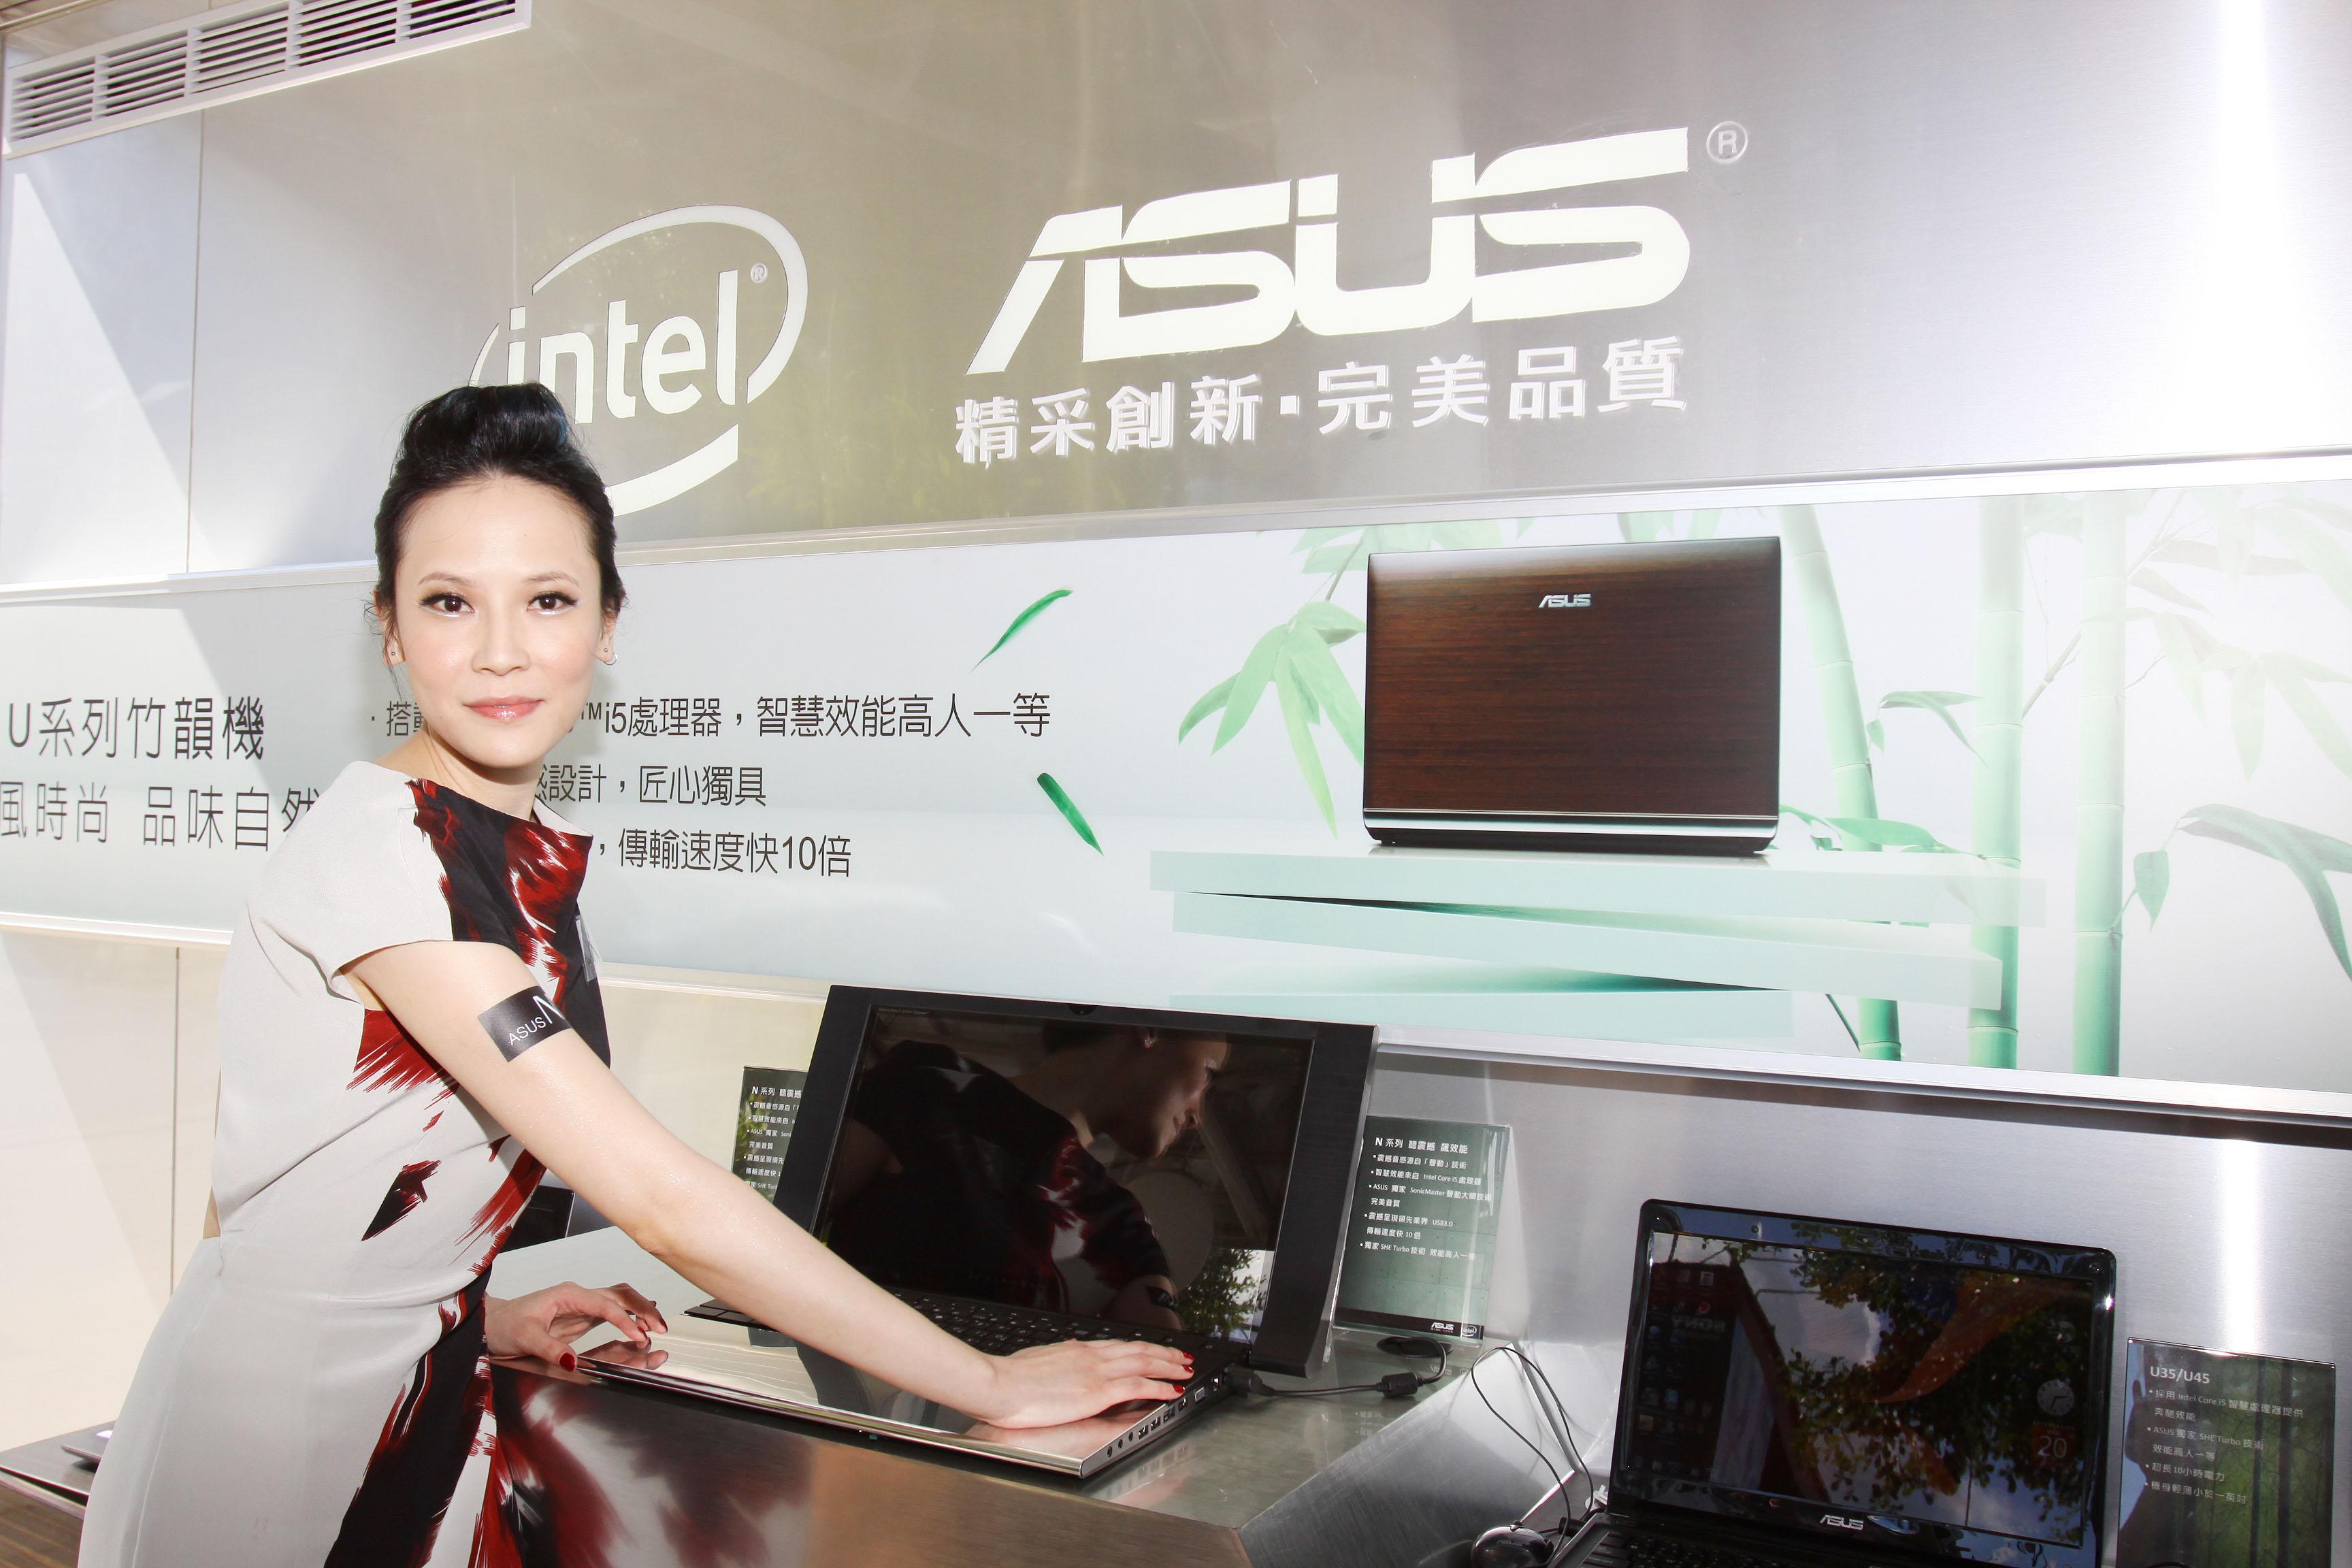 楊乃文驚嘆:「ASUS NX系列」筆電就是音響!